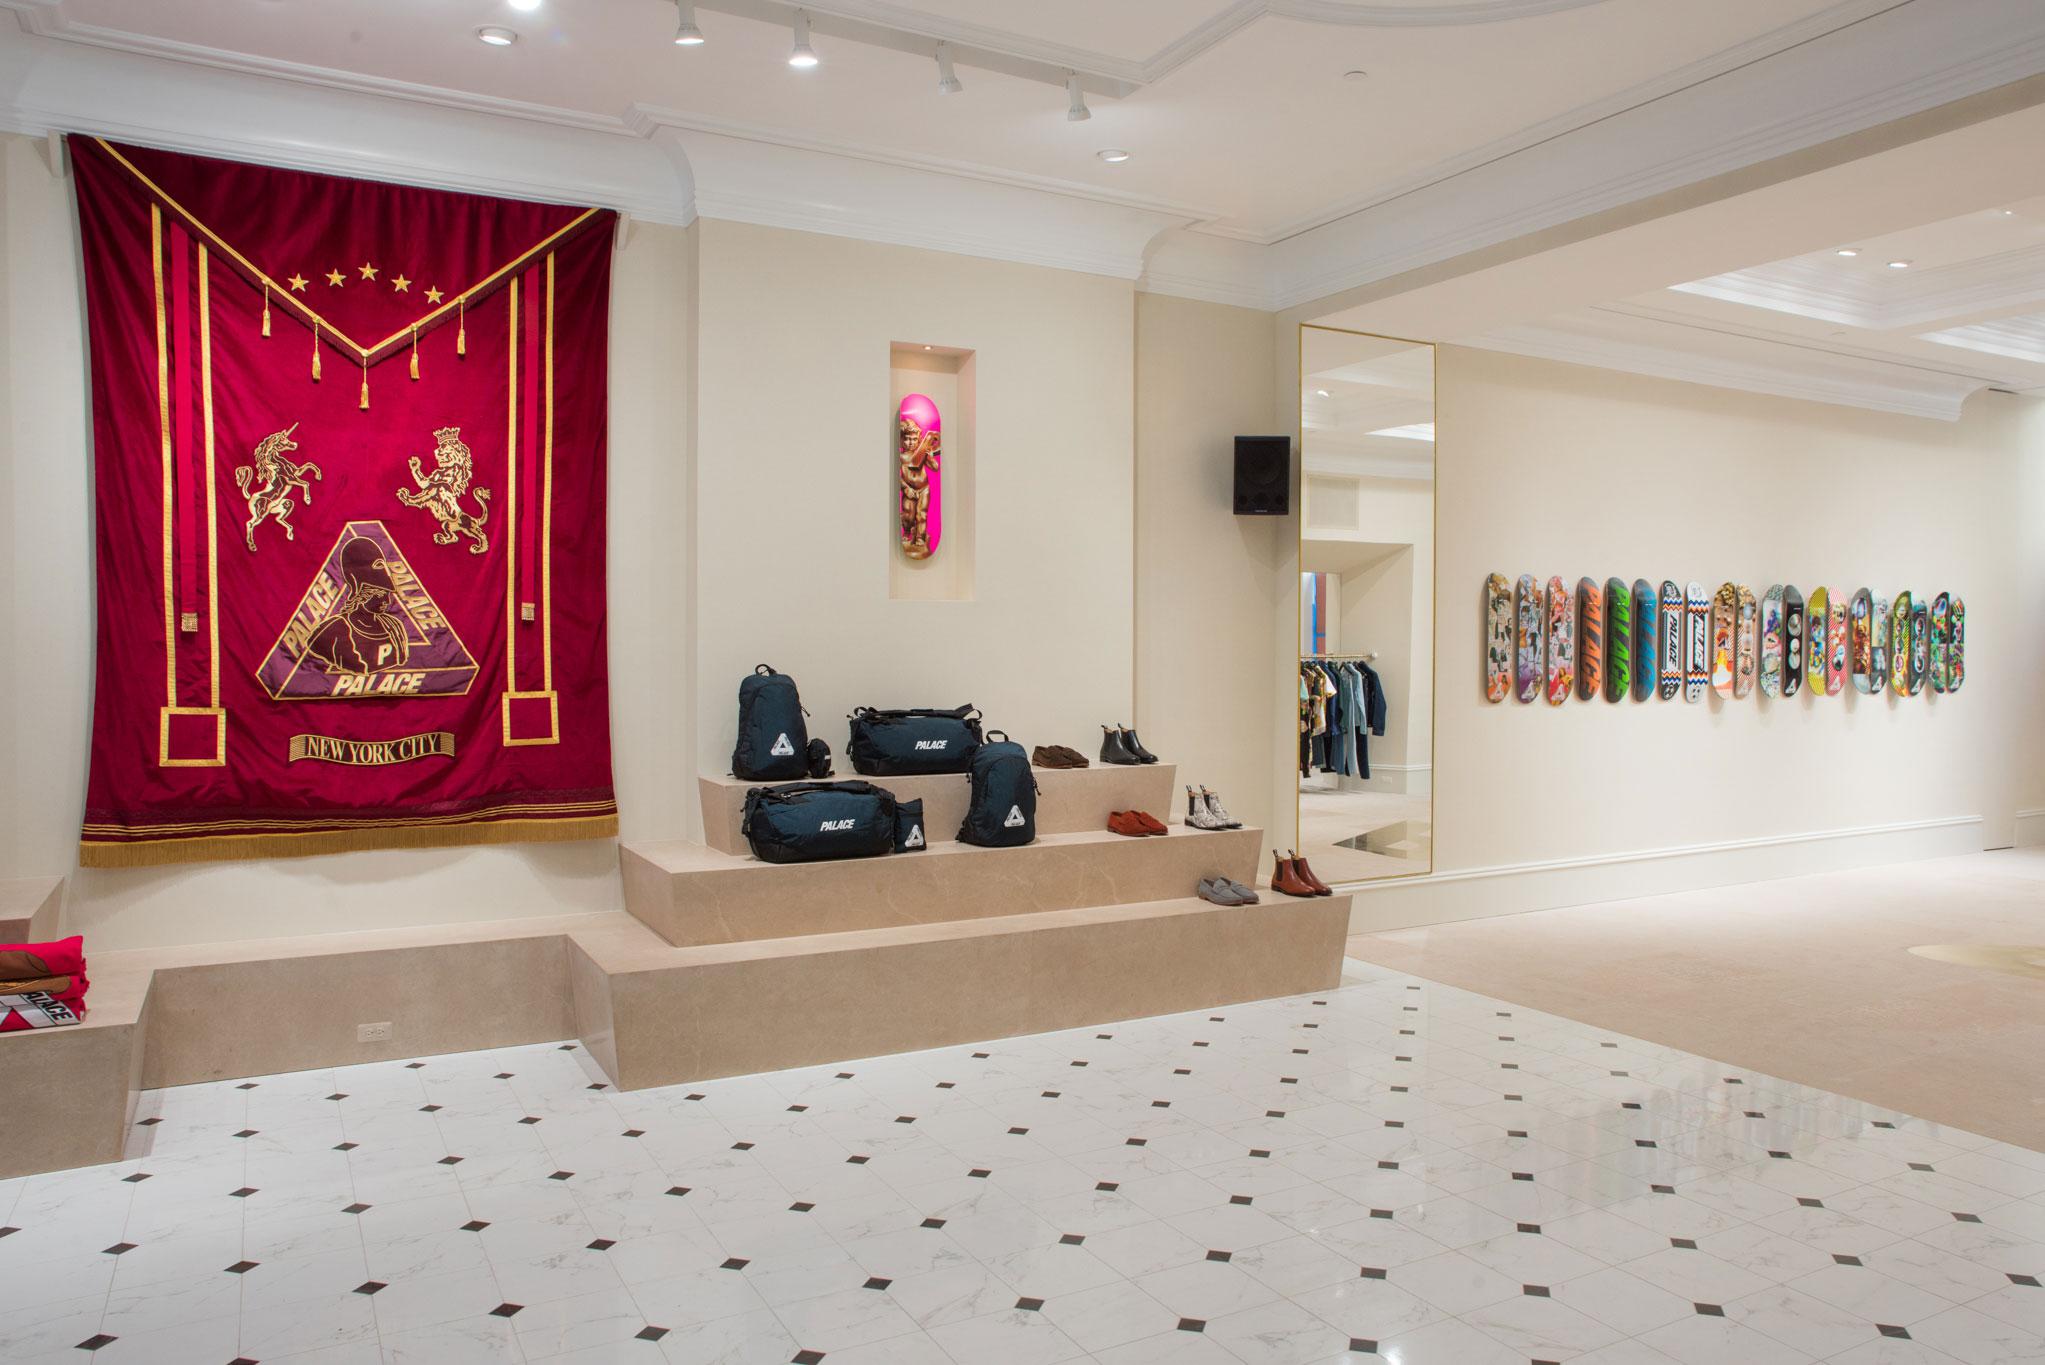 new york shop palace. Black Bedroom Furniture Sets. Home Design Ideas